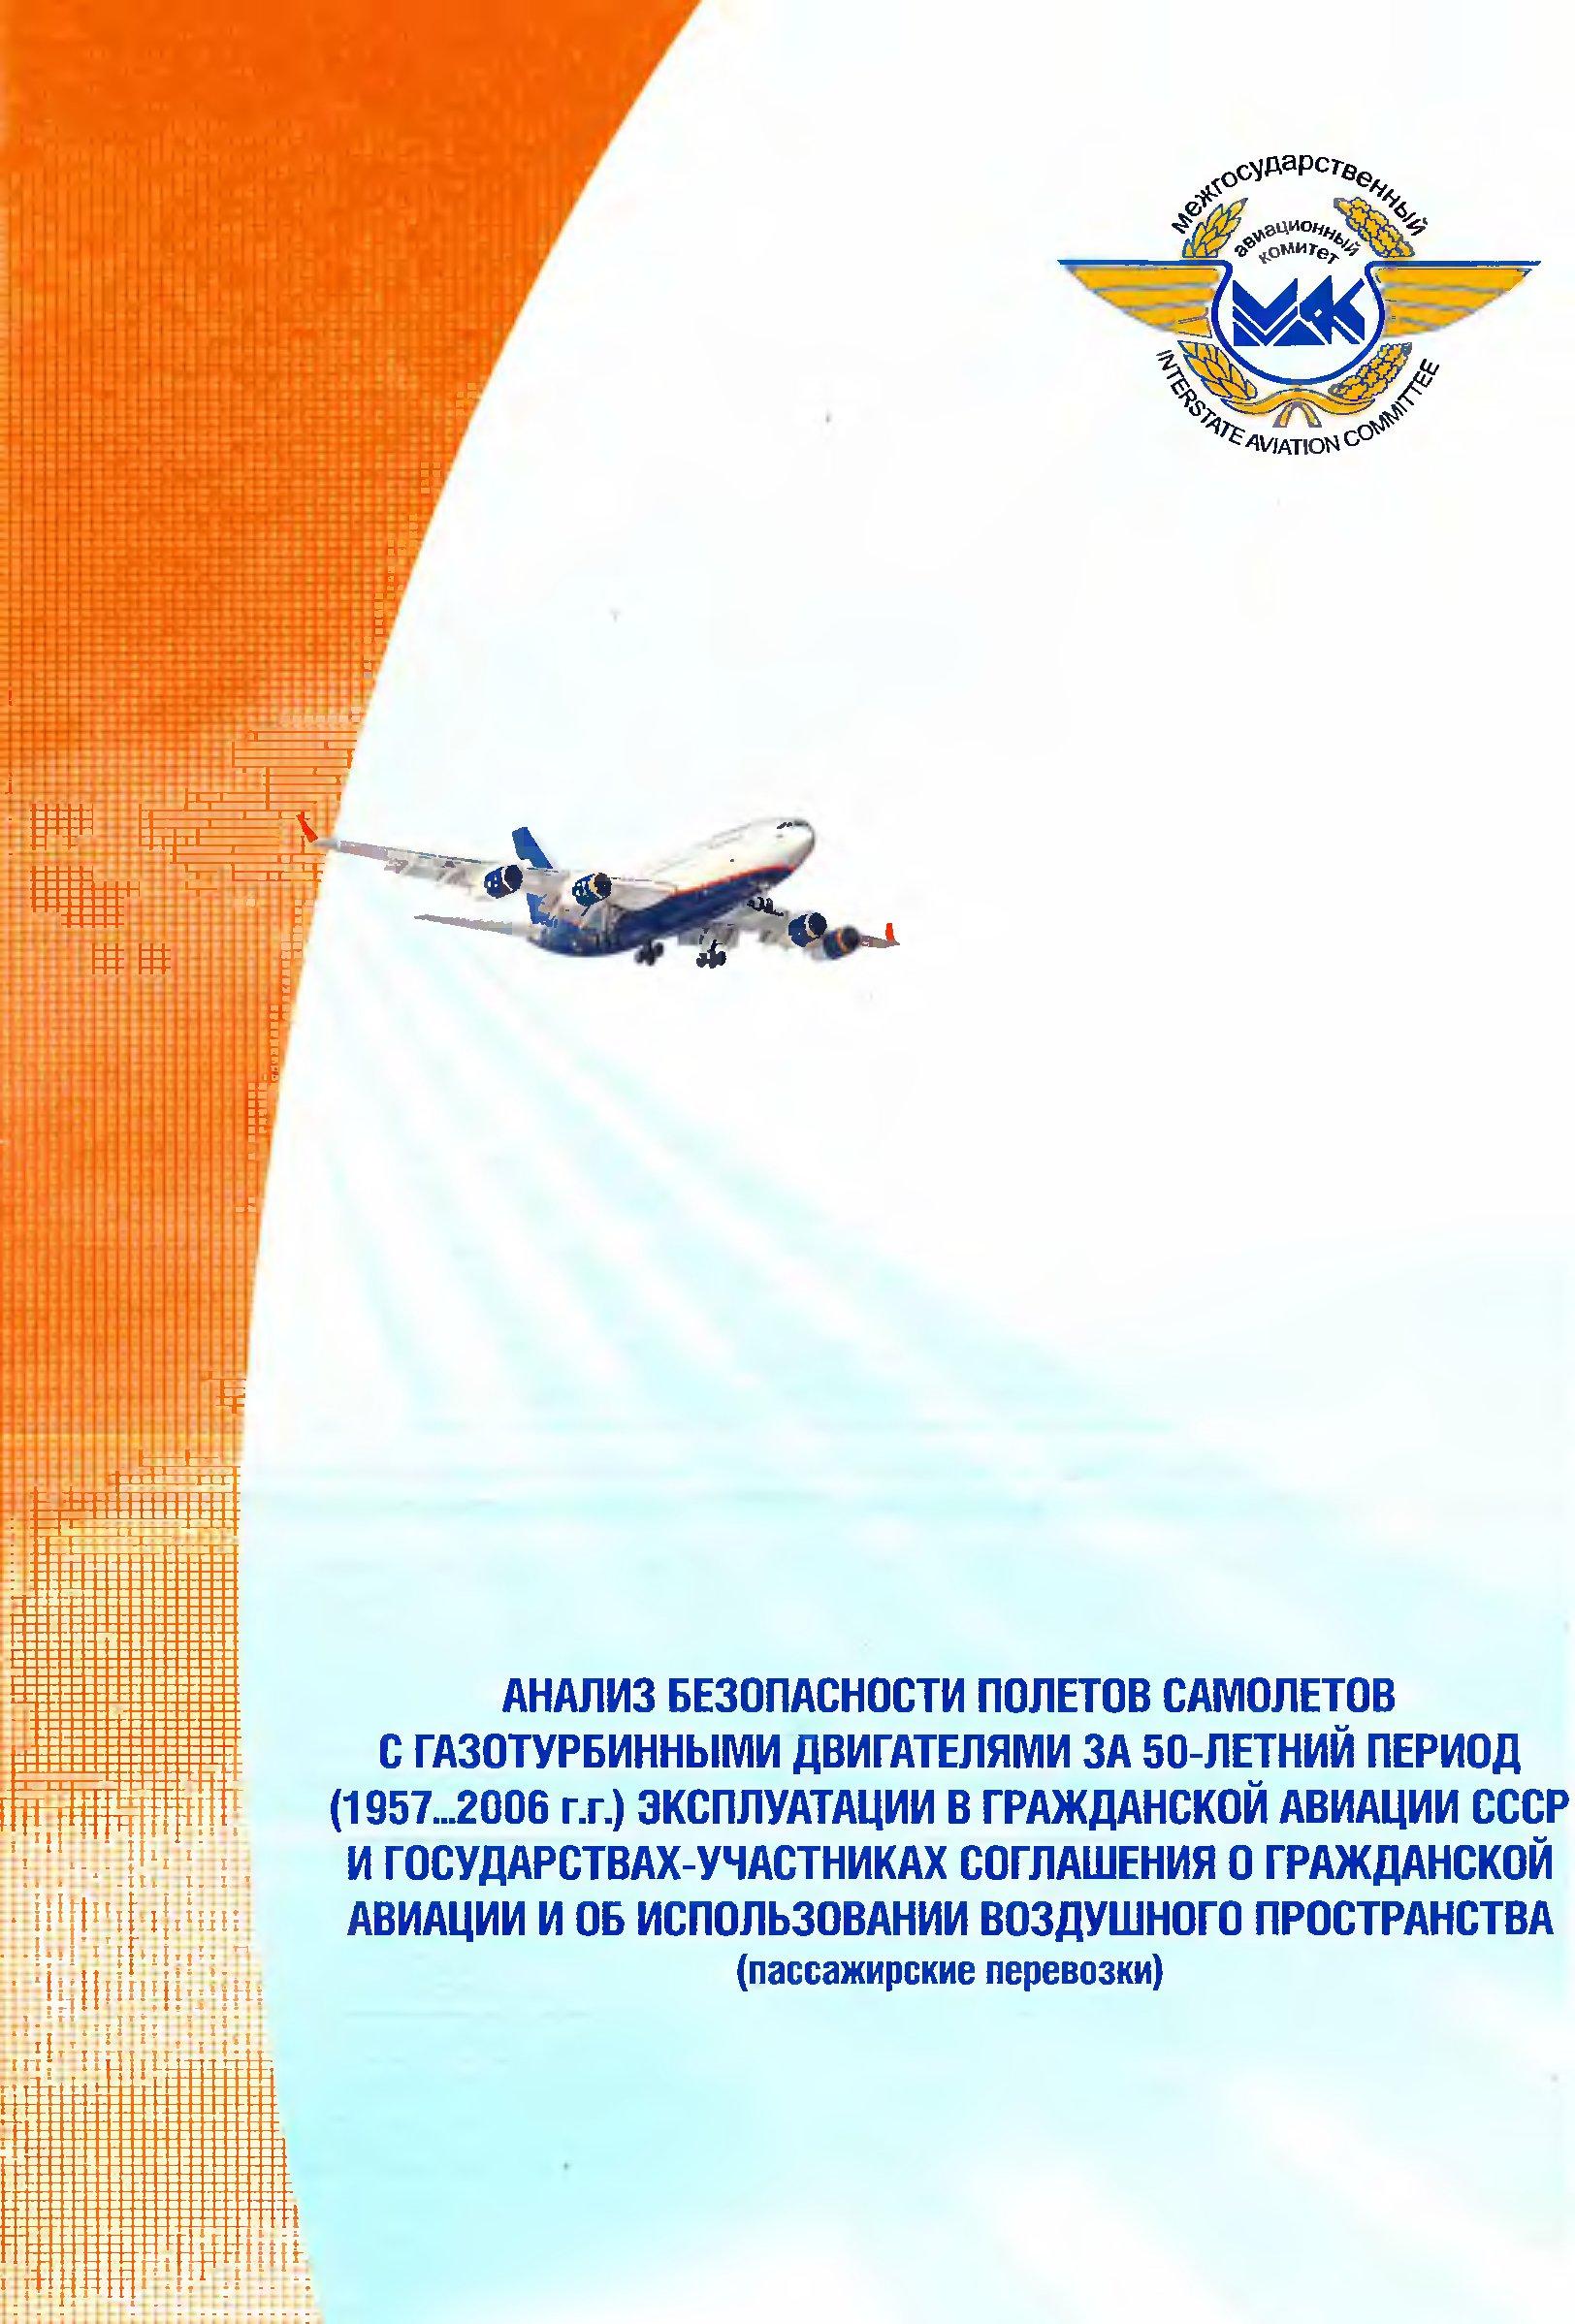 Обложка книги Анализ безопасности полетов самолетов с газотурбинными двигателям за 50-летний период эксплуатации в гражданской авиации (Полтовец В.А., Теймуразов Р.А)